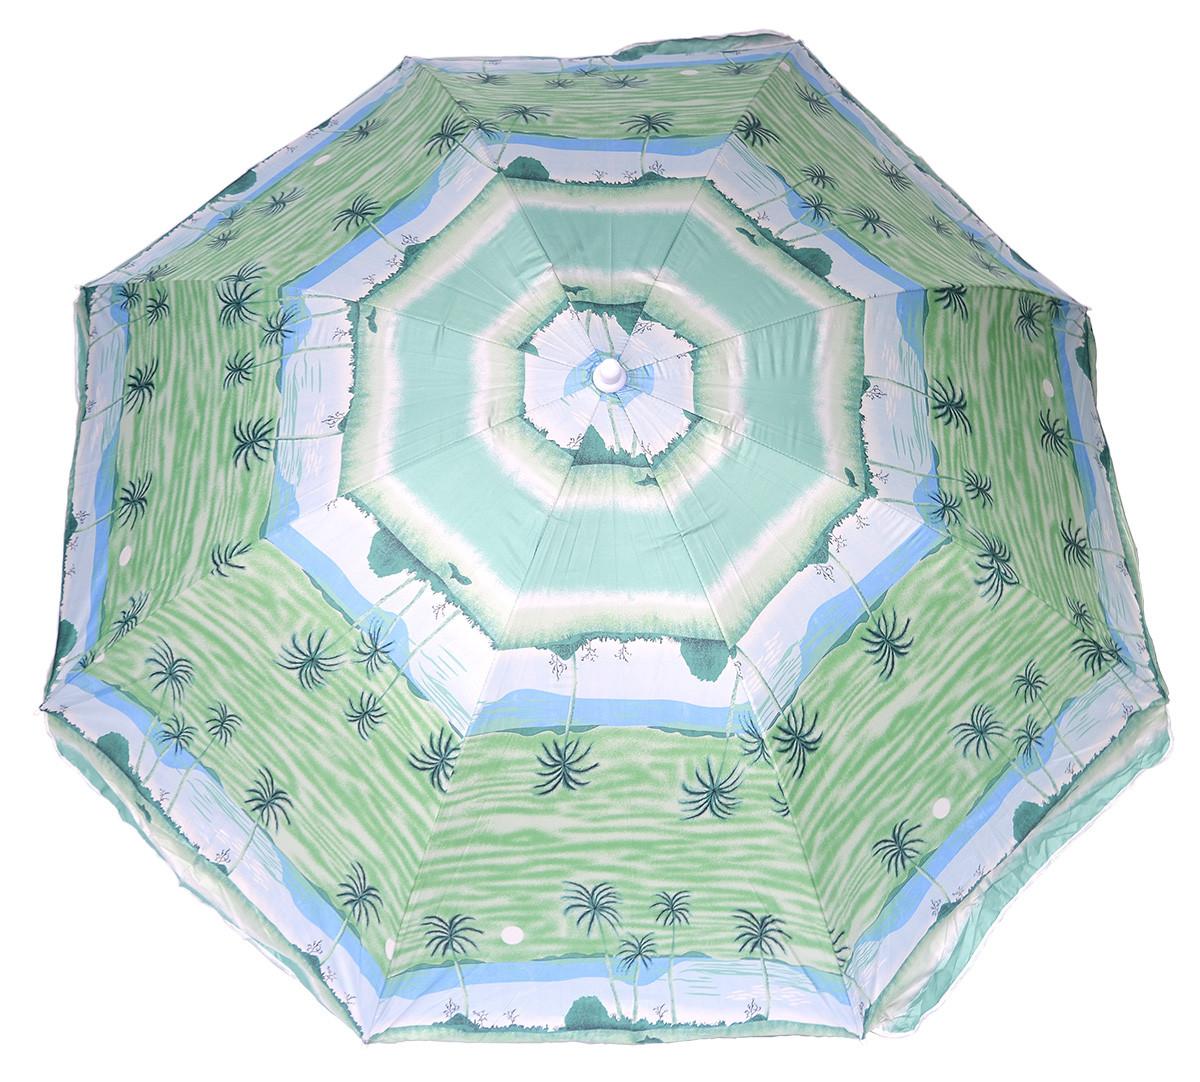 Пляжный зонт с серебристым напылением 2.2 м с наклоном система ромашка